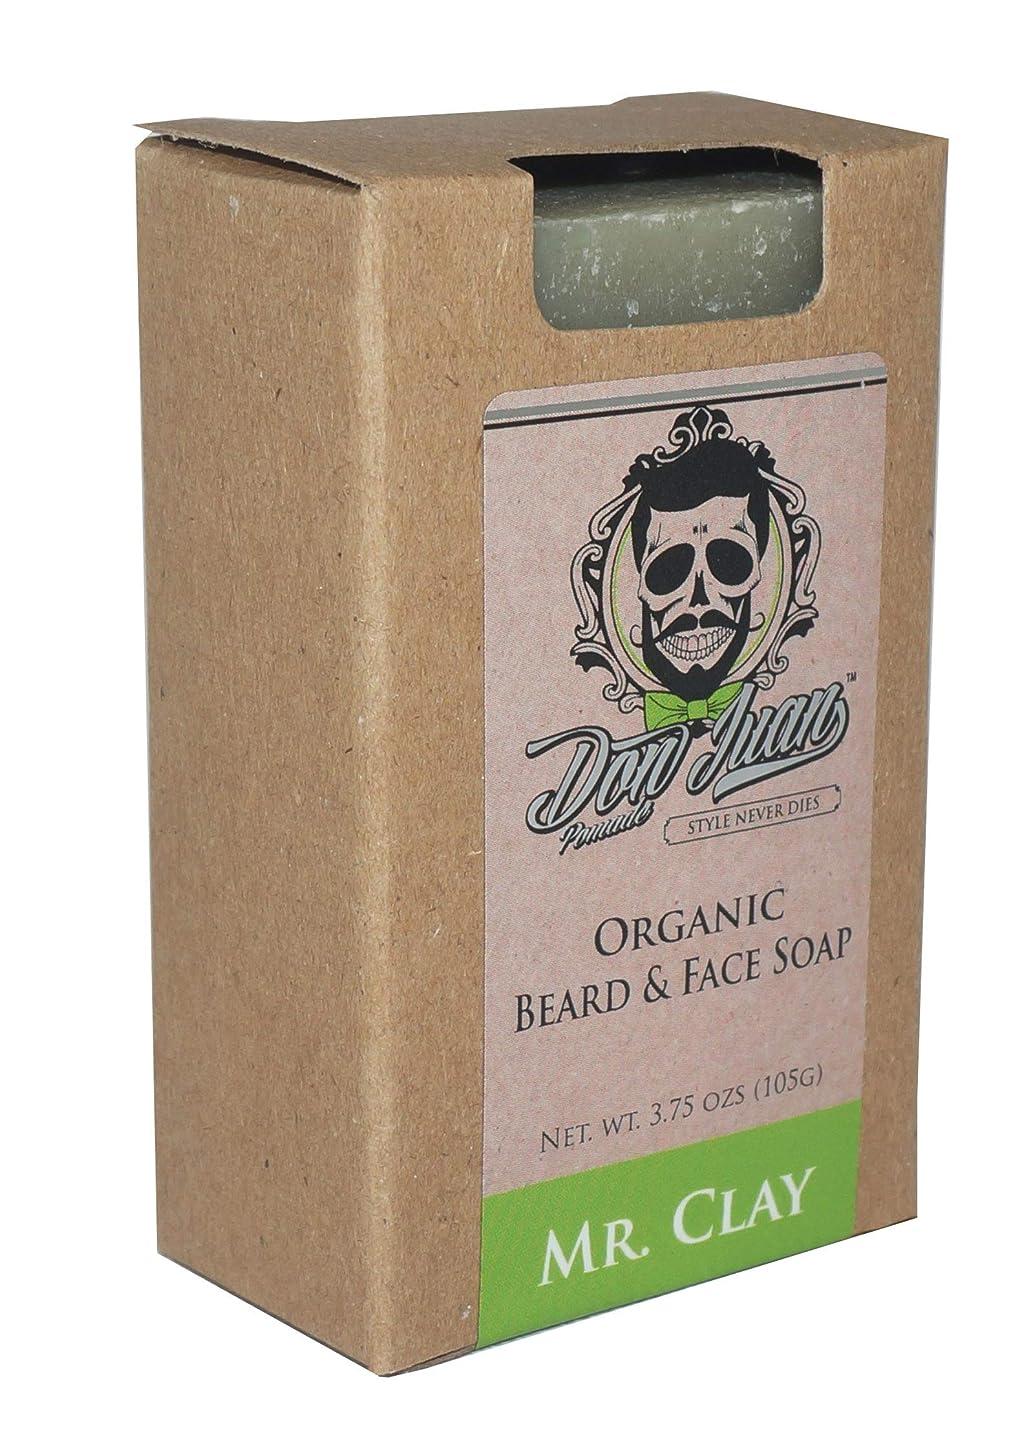 ペルソナ乱すモーターDon Juan Mr. Clay Organic Beard Face Soap Bar 3.75 Oz. by Don Juan